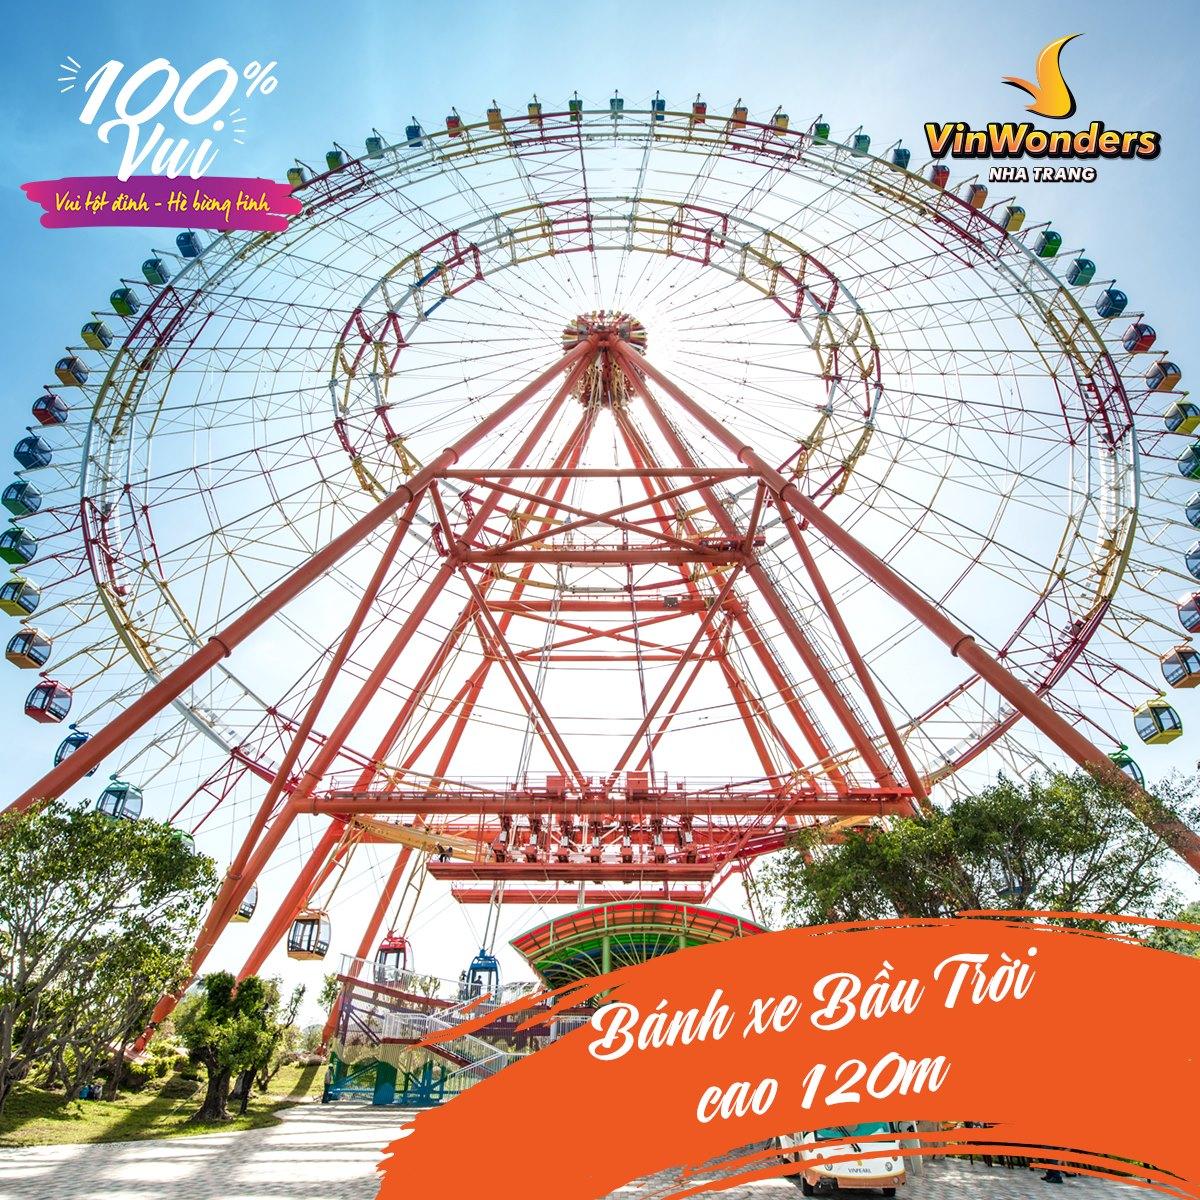 Cập nhật giá vé vào cổng Vinpearl Land Nha Trang: Khuyến mại cực đã trong dịp hè này  - Ảnh 7.